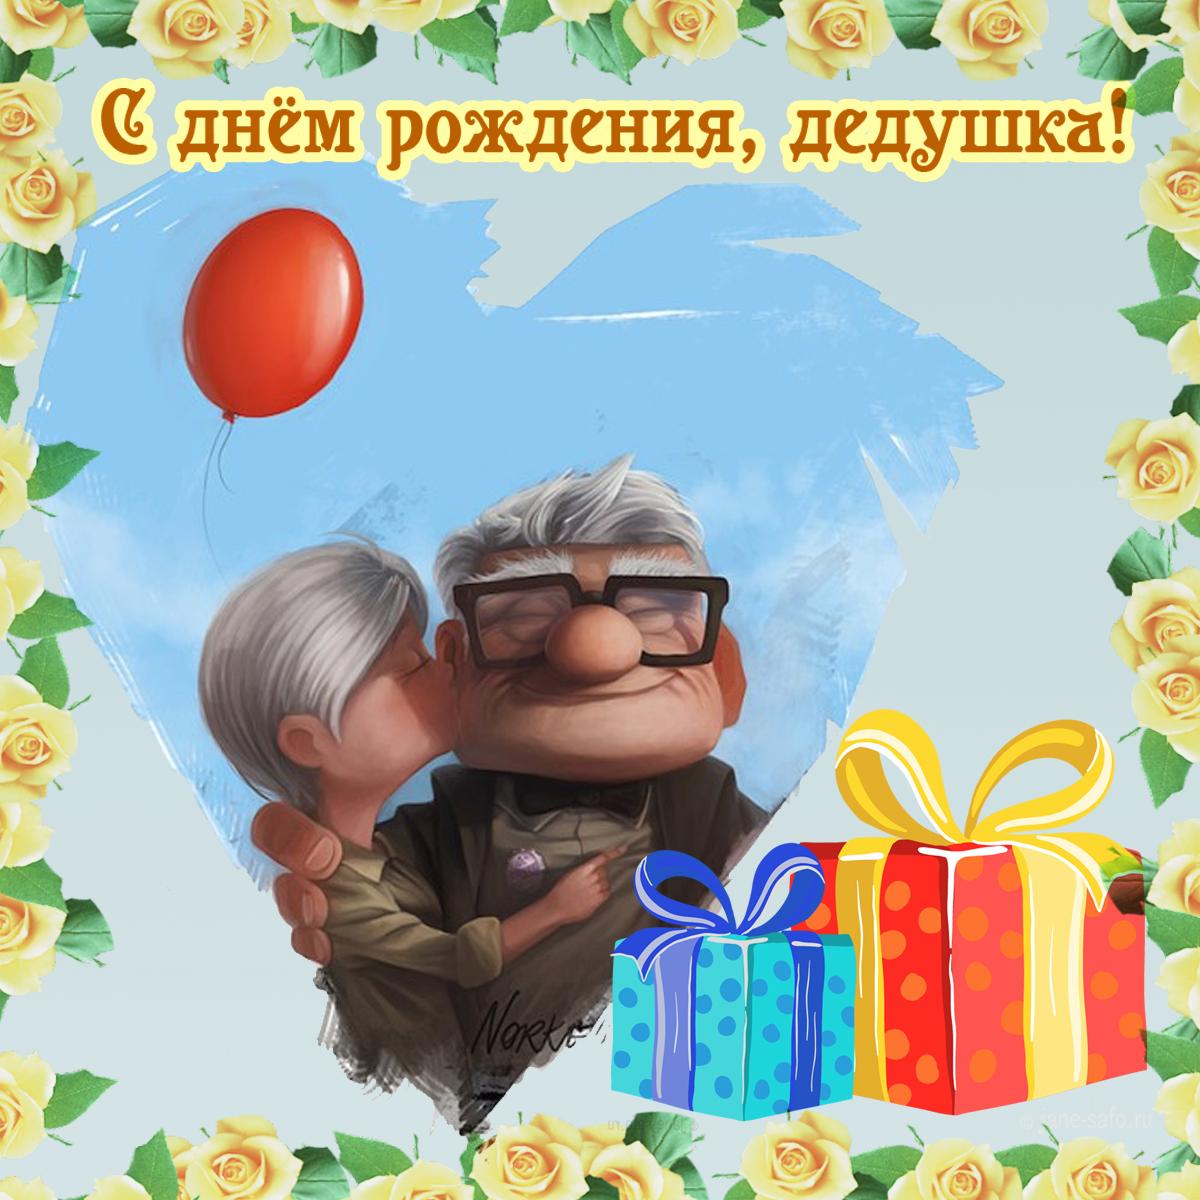 Музыкальное поздравление дедушке от внука с днем рождения